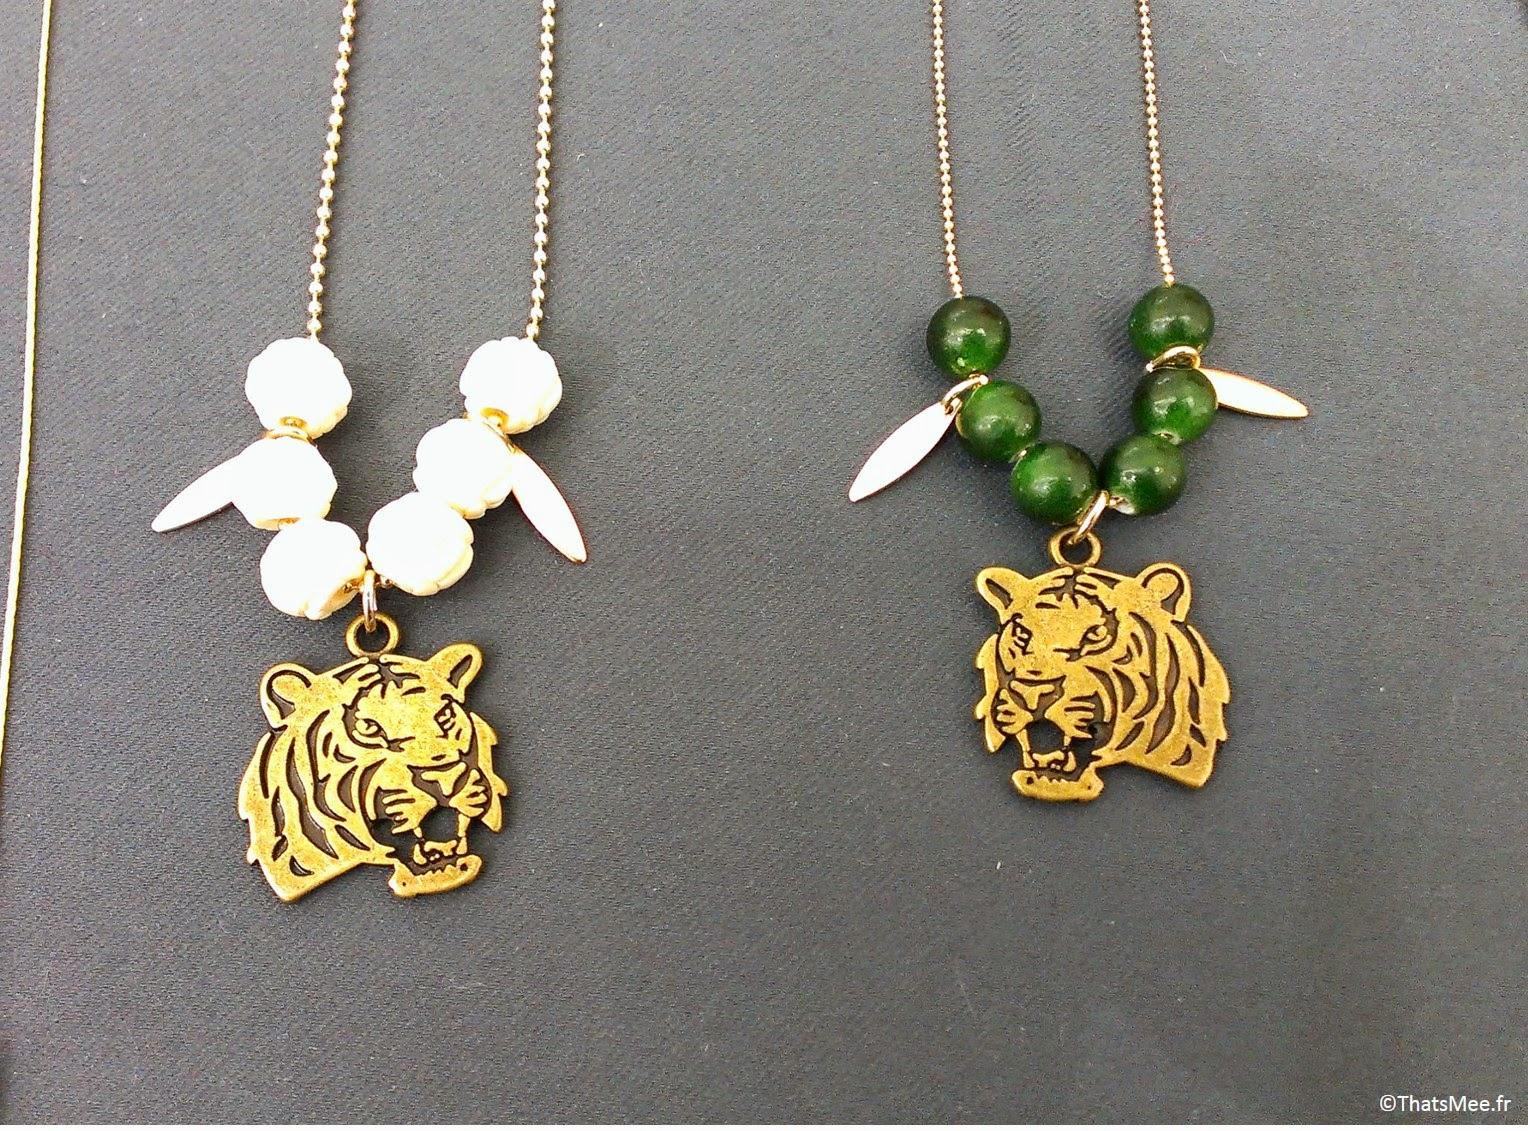 bijoux Pelican bleu sautoirtête de tigre perles The Tops, bijoux Pelican Bleu Boutique éphémère The Tops